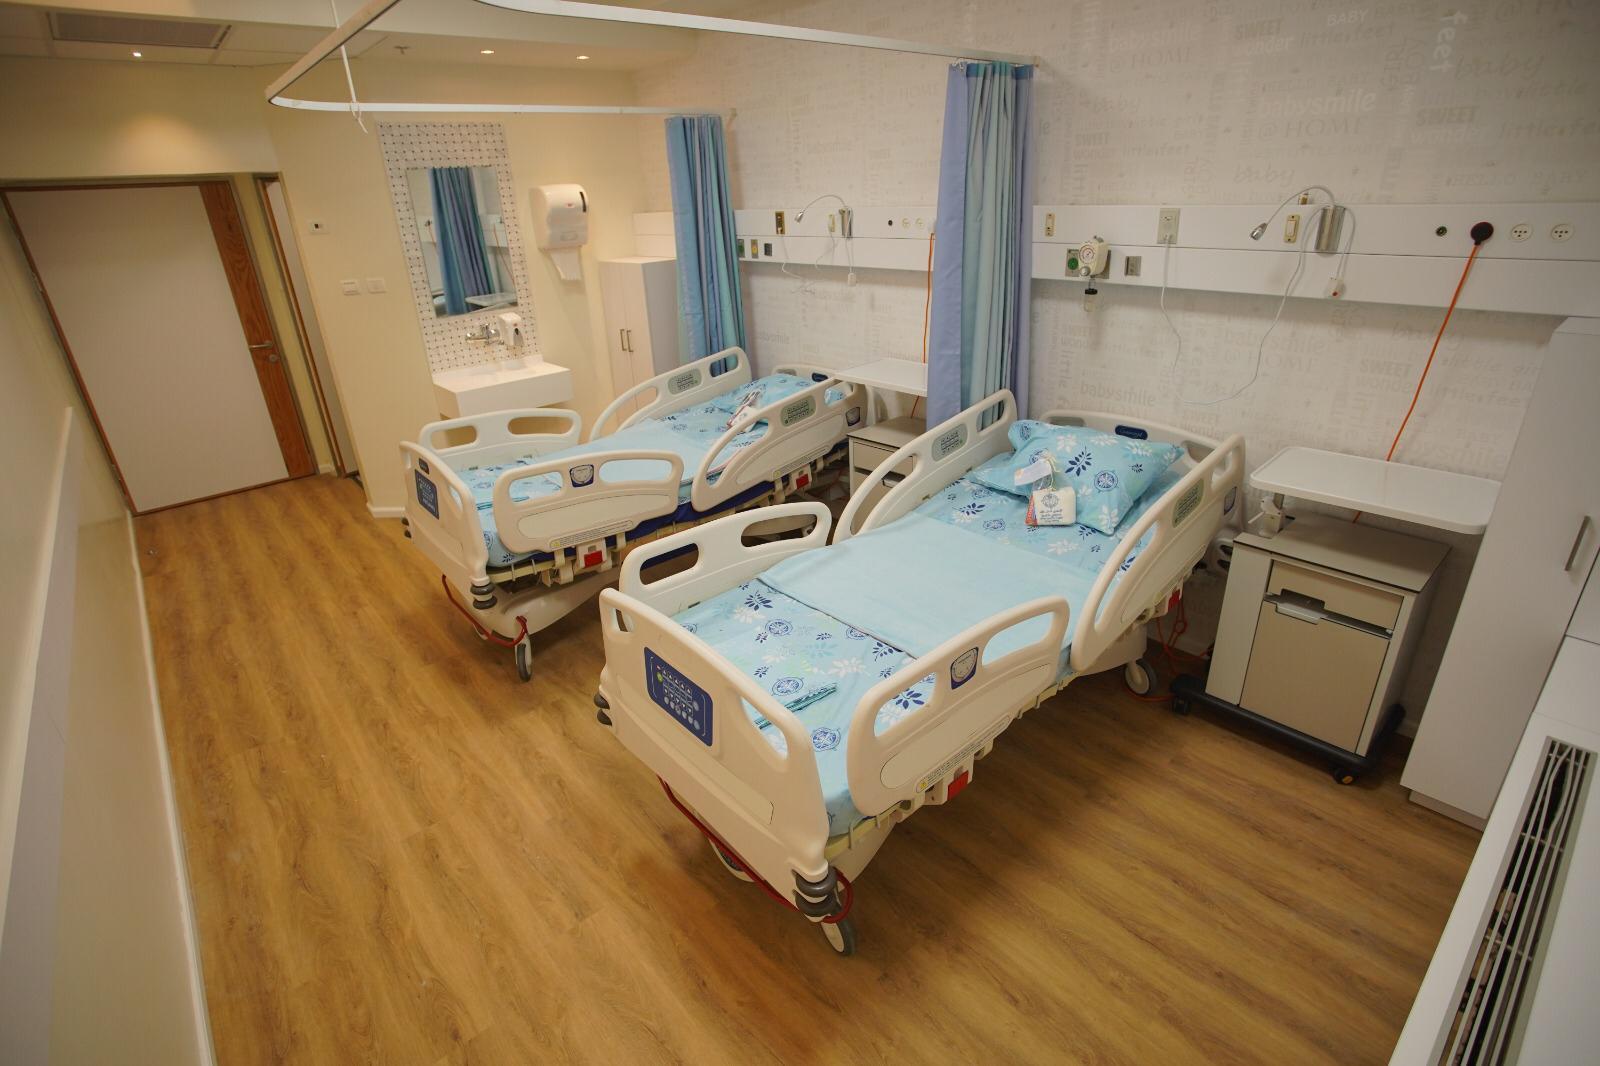 استقبال الوالدات في قسم الولادة الأجدد في الناصرة والشمال في مستشفى الناصرة- الإنجليزي